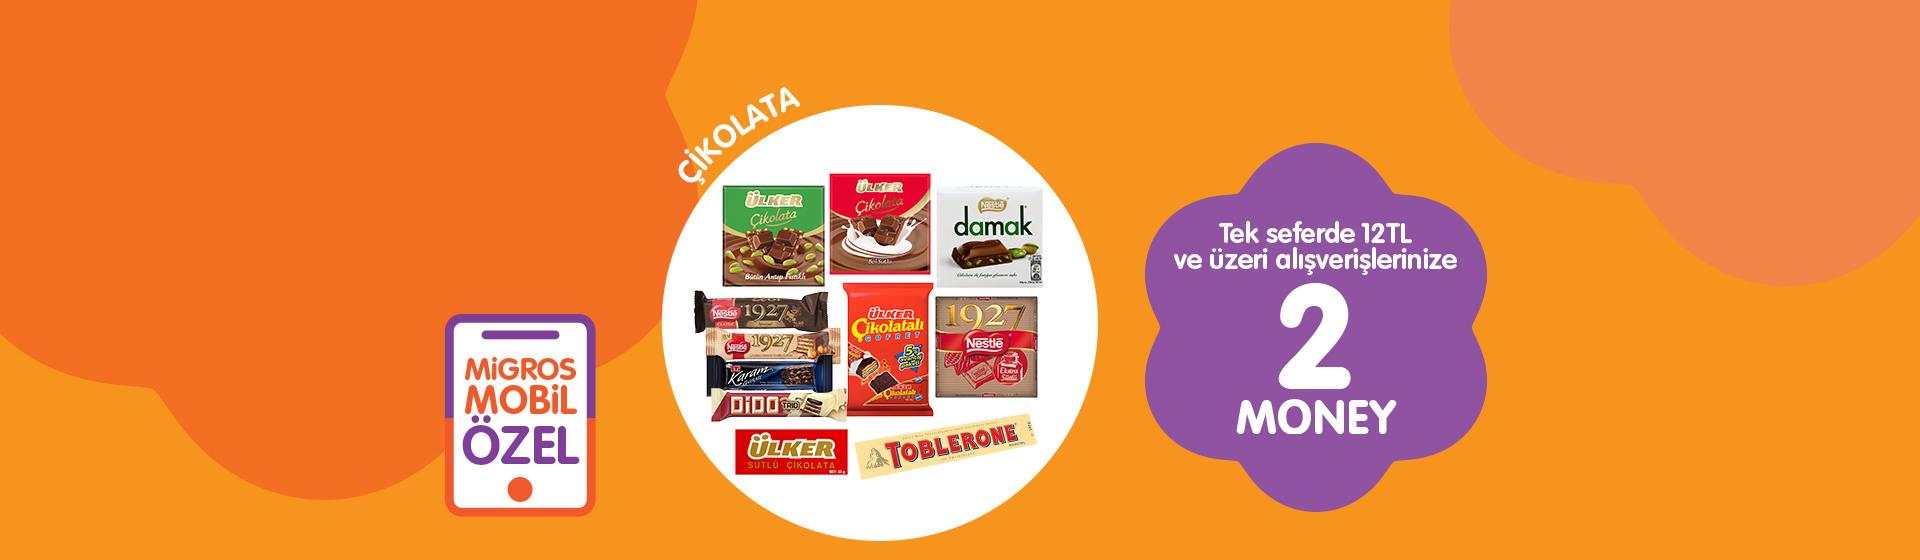 Çikolata Money Kampanyası